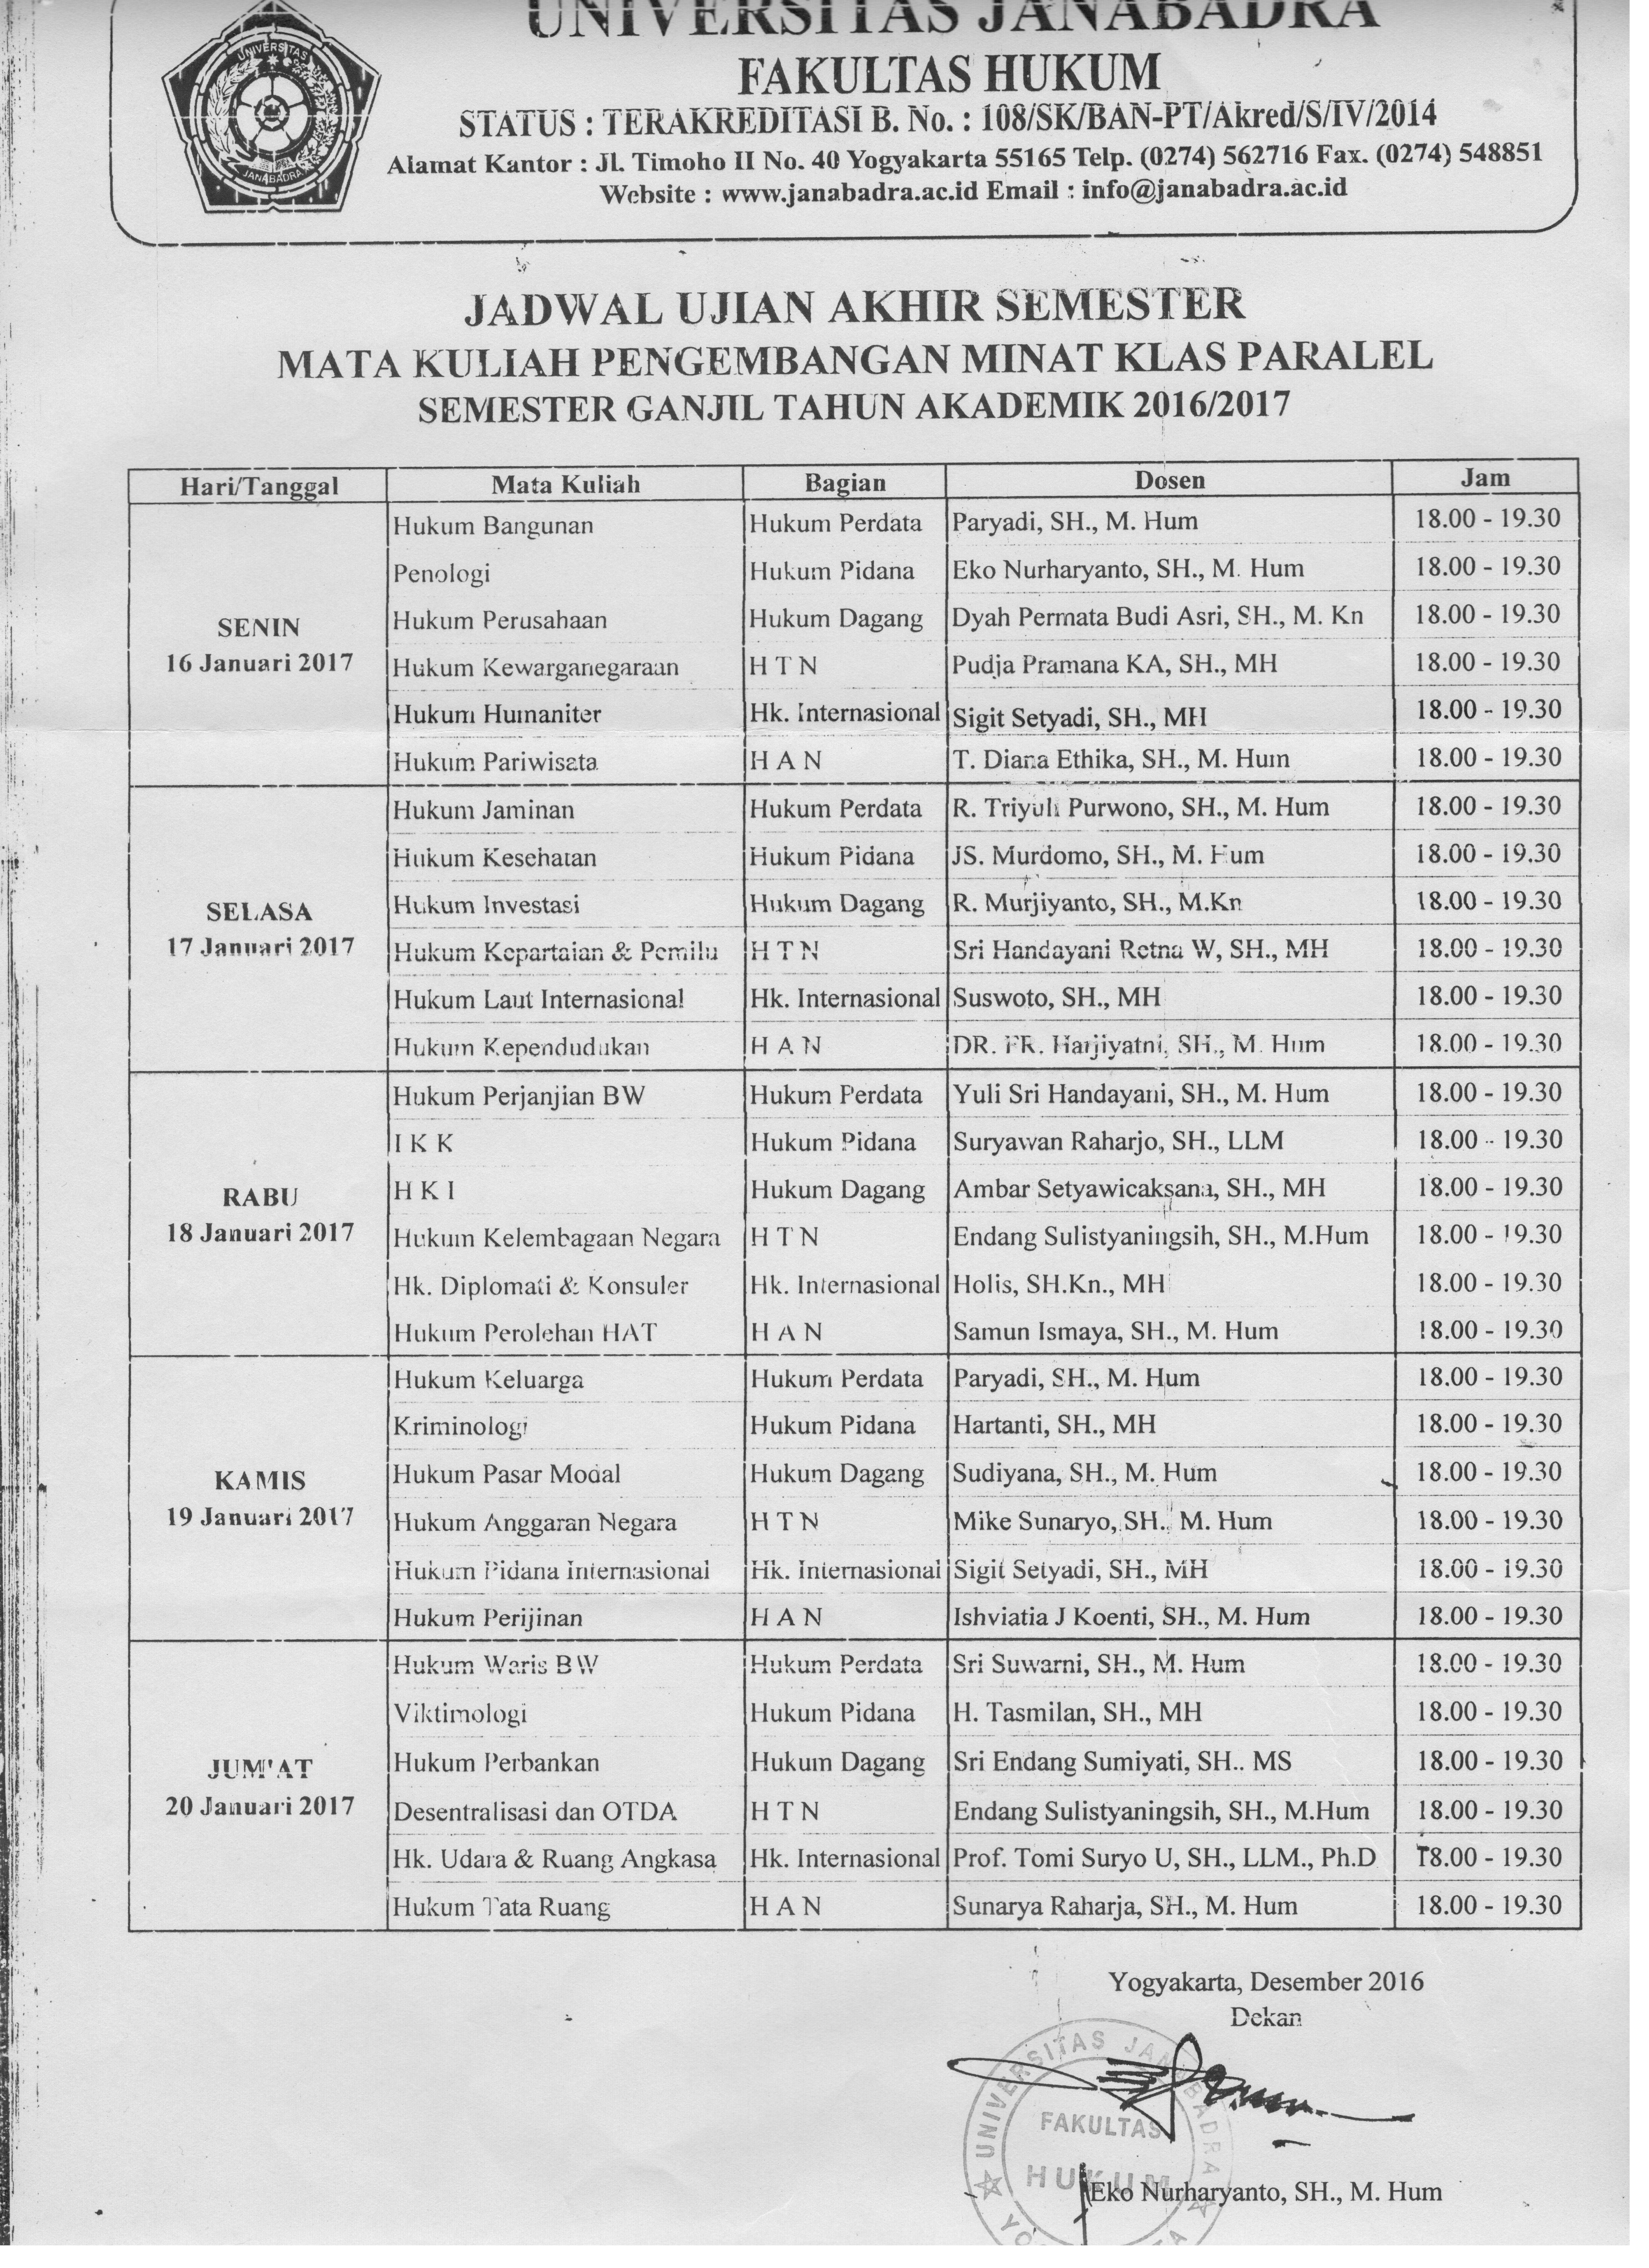 JADWAL PENJURUSAN UJIAN AKHIR SEMESTER GANJIL KELAS PARALEL 2016/2017